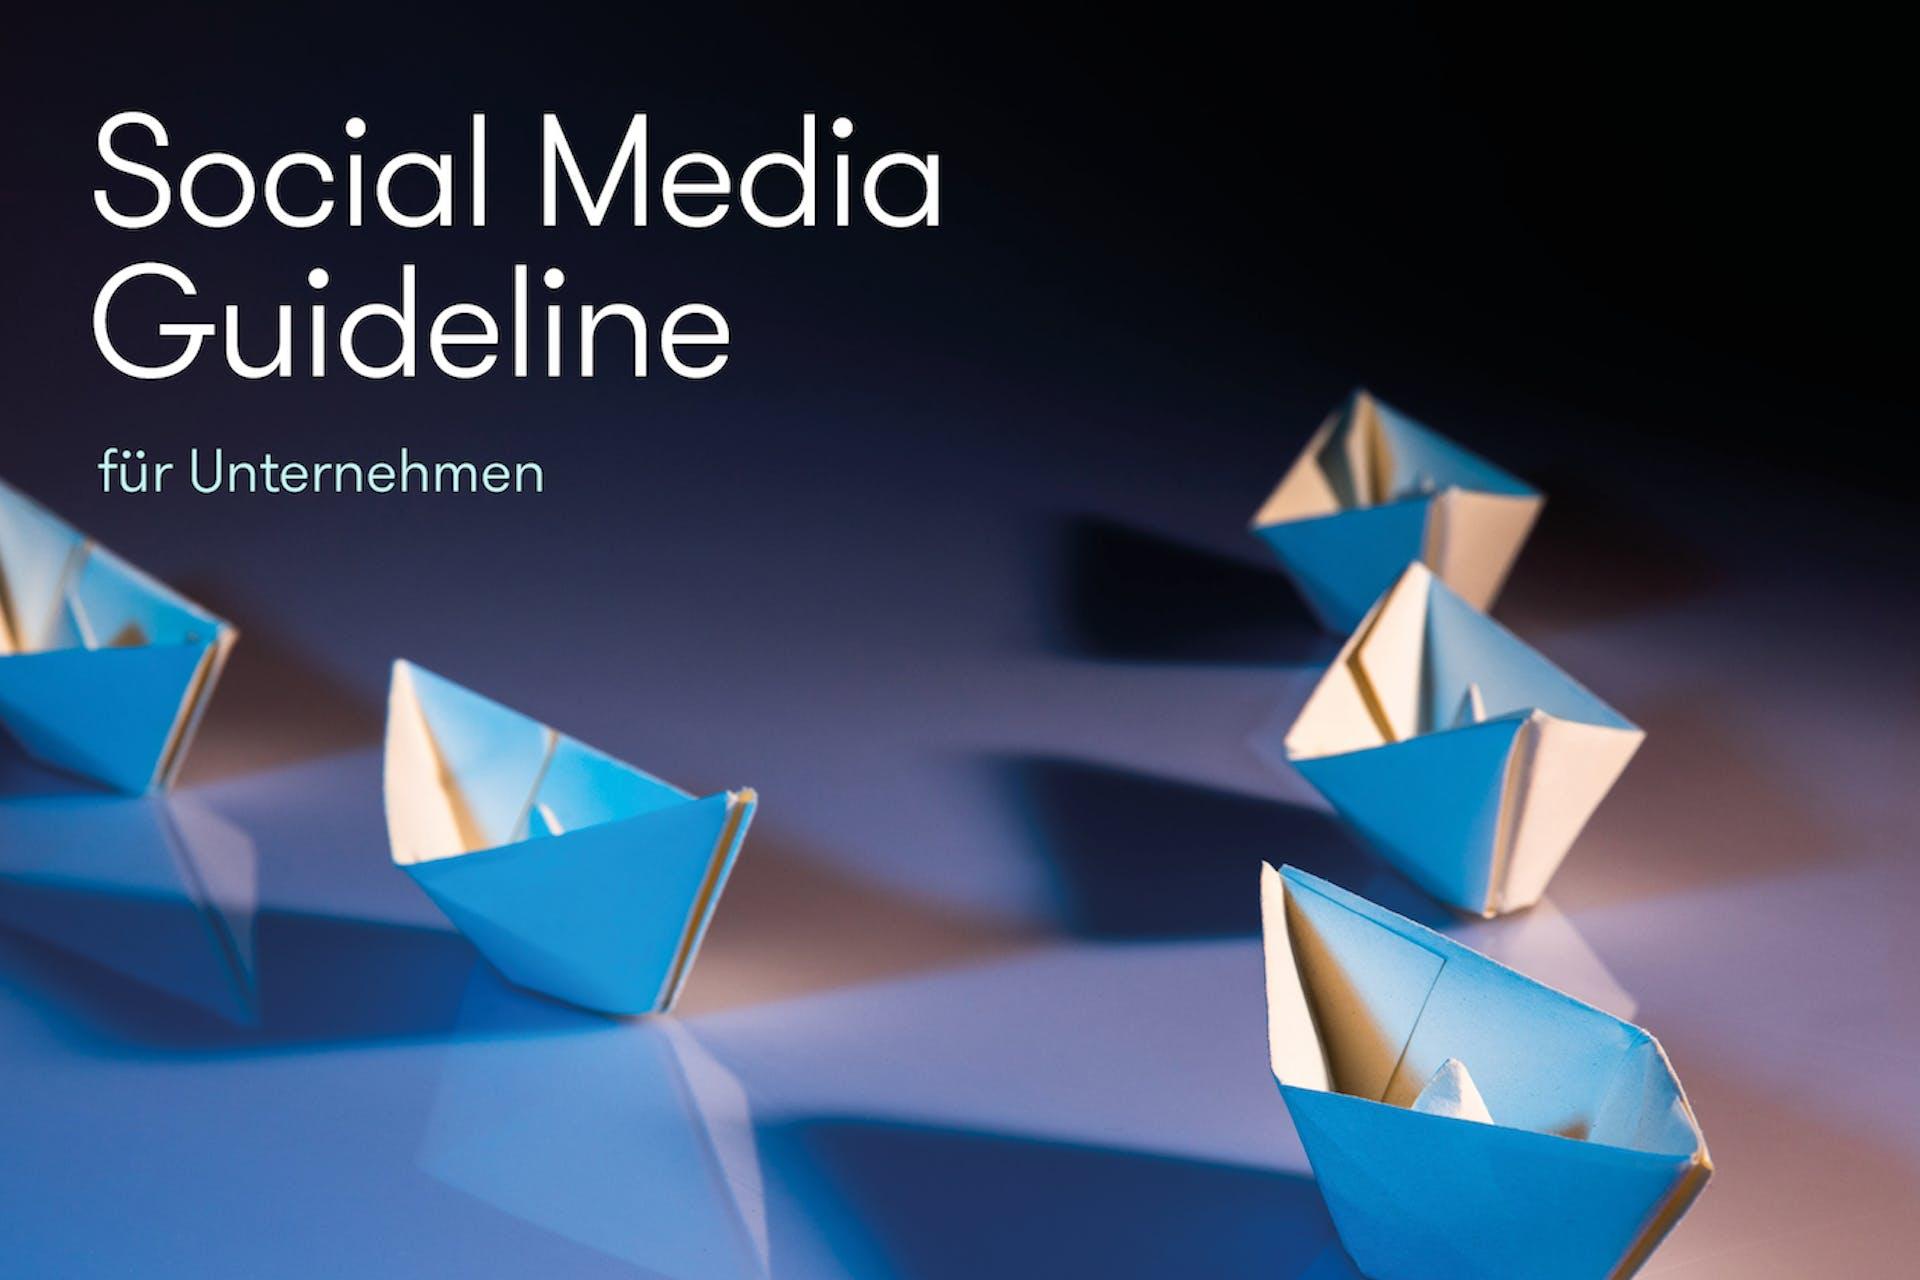 Social Media Guideline